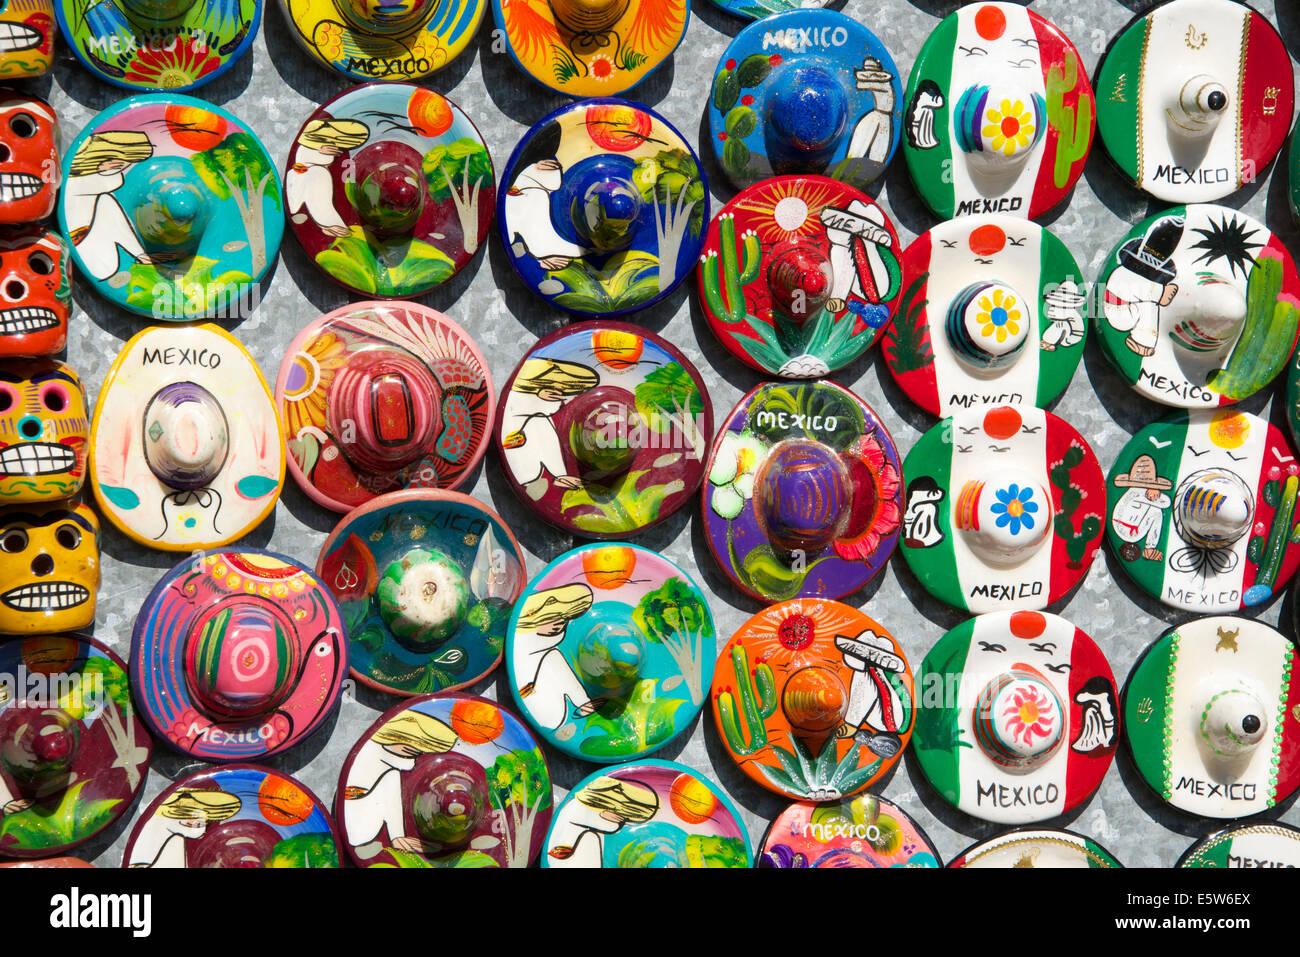 Small china sombreros  tourist stall Chichen Itza Yucatan Mexico - Stock Image